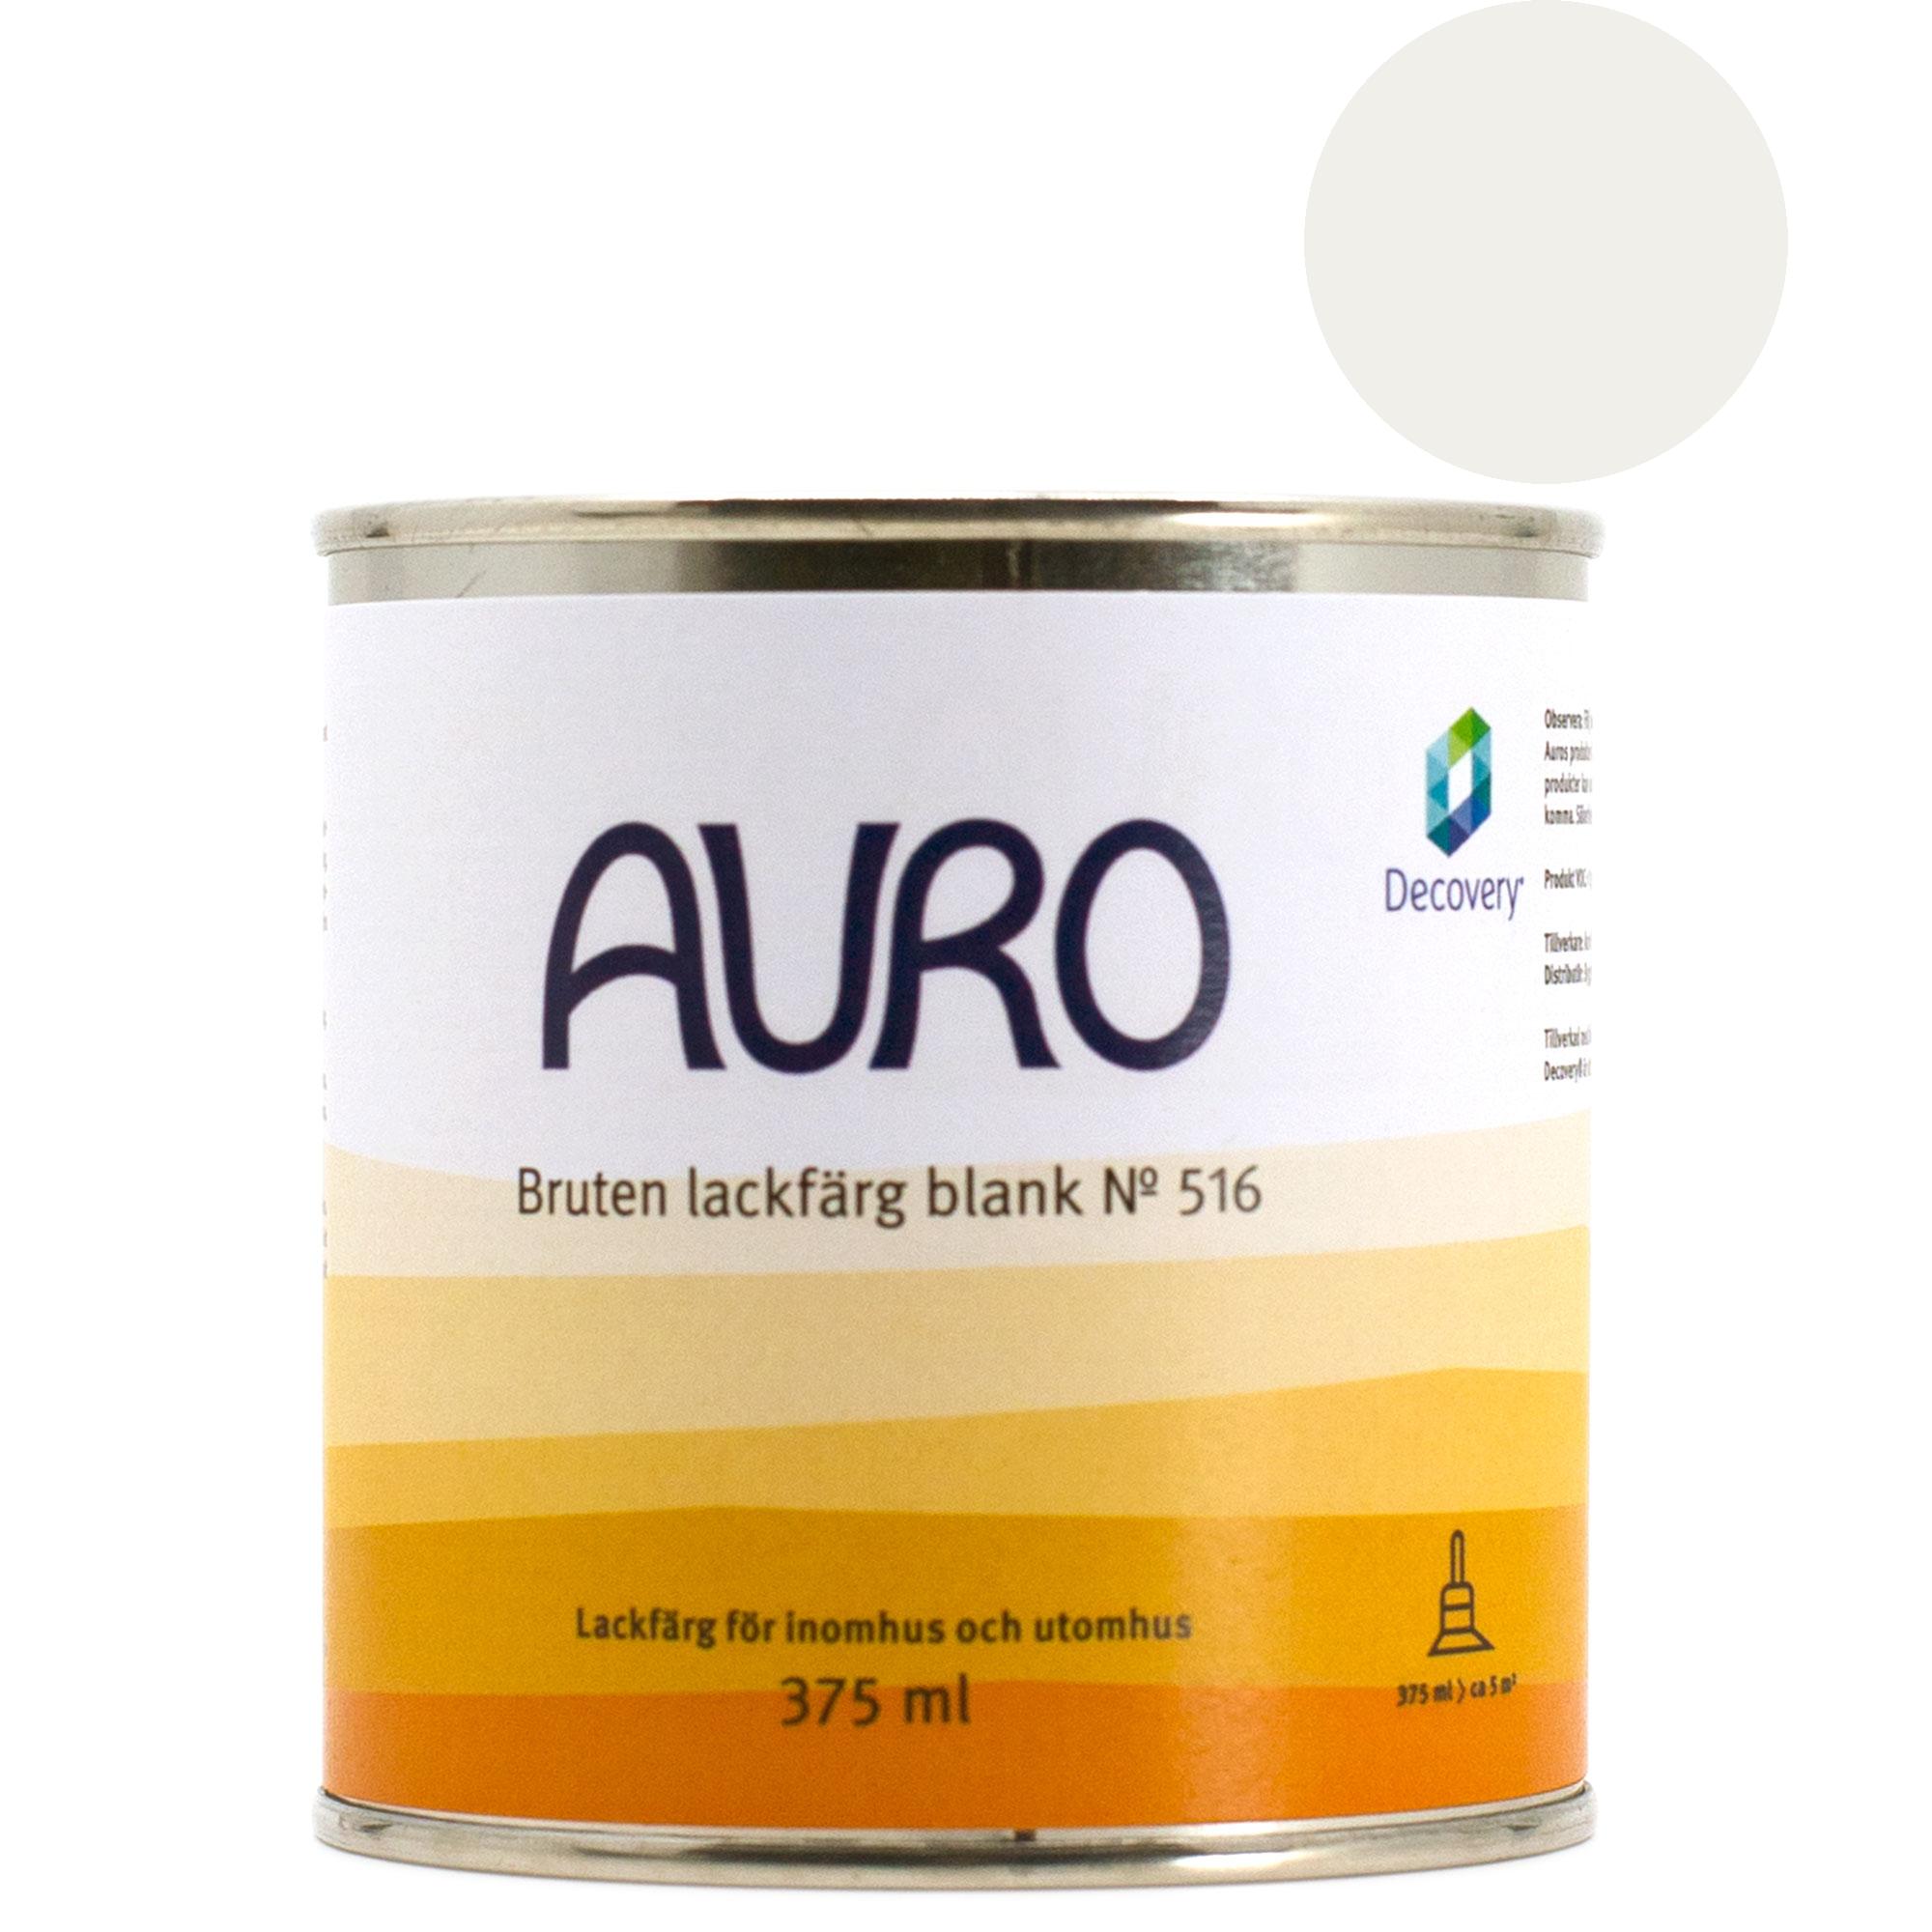 Lackfärg Blank 516 P - kulör: Marmorvit - 375 ml från Byggfabriken